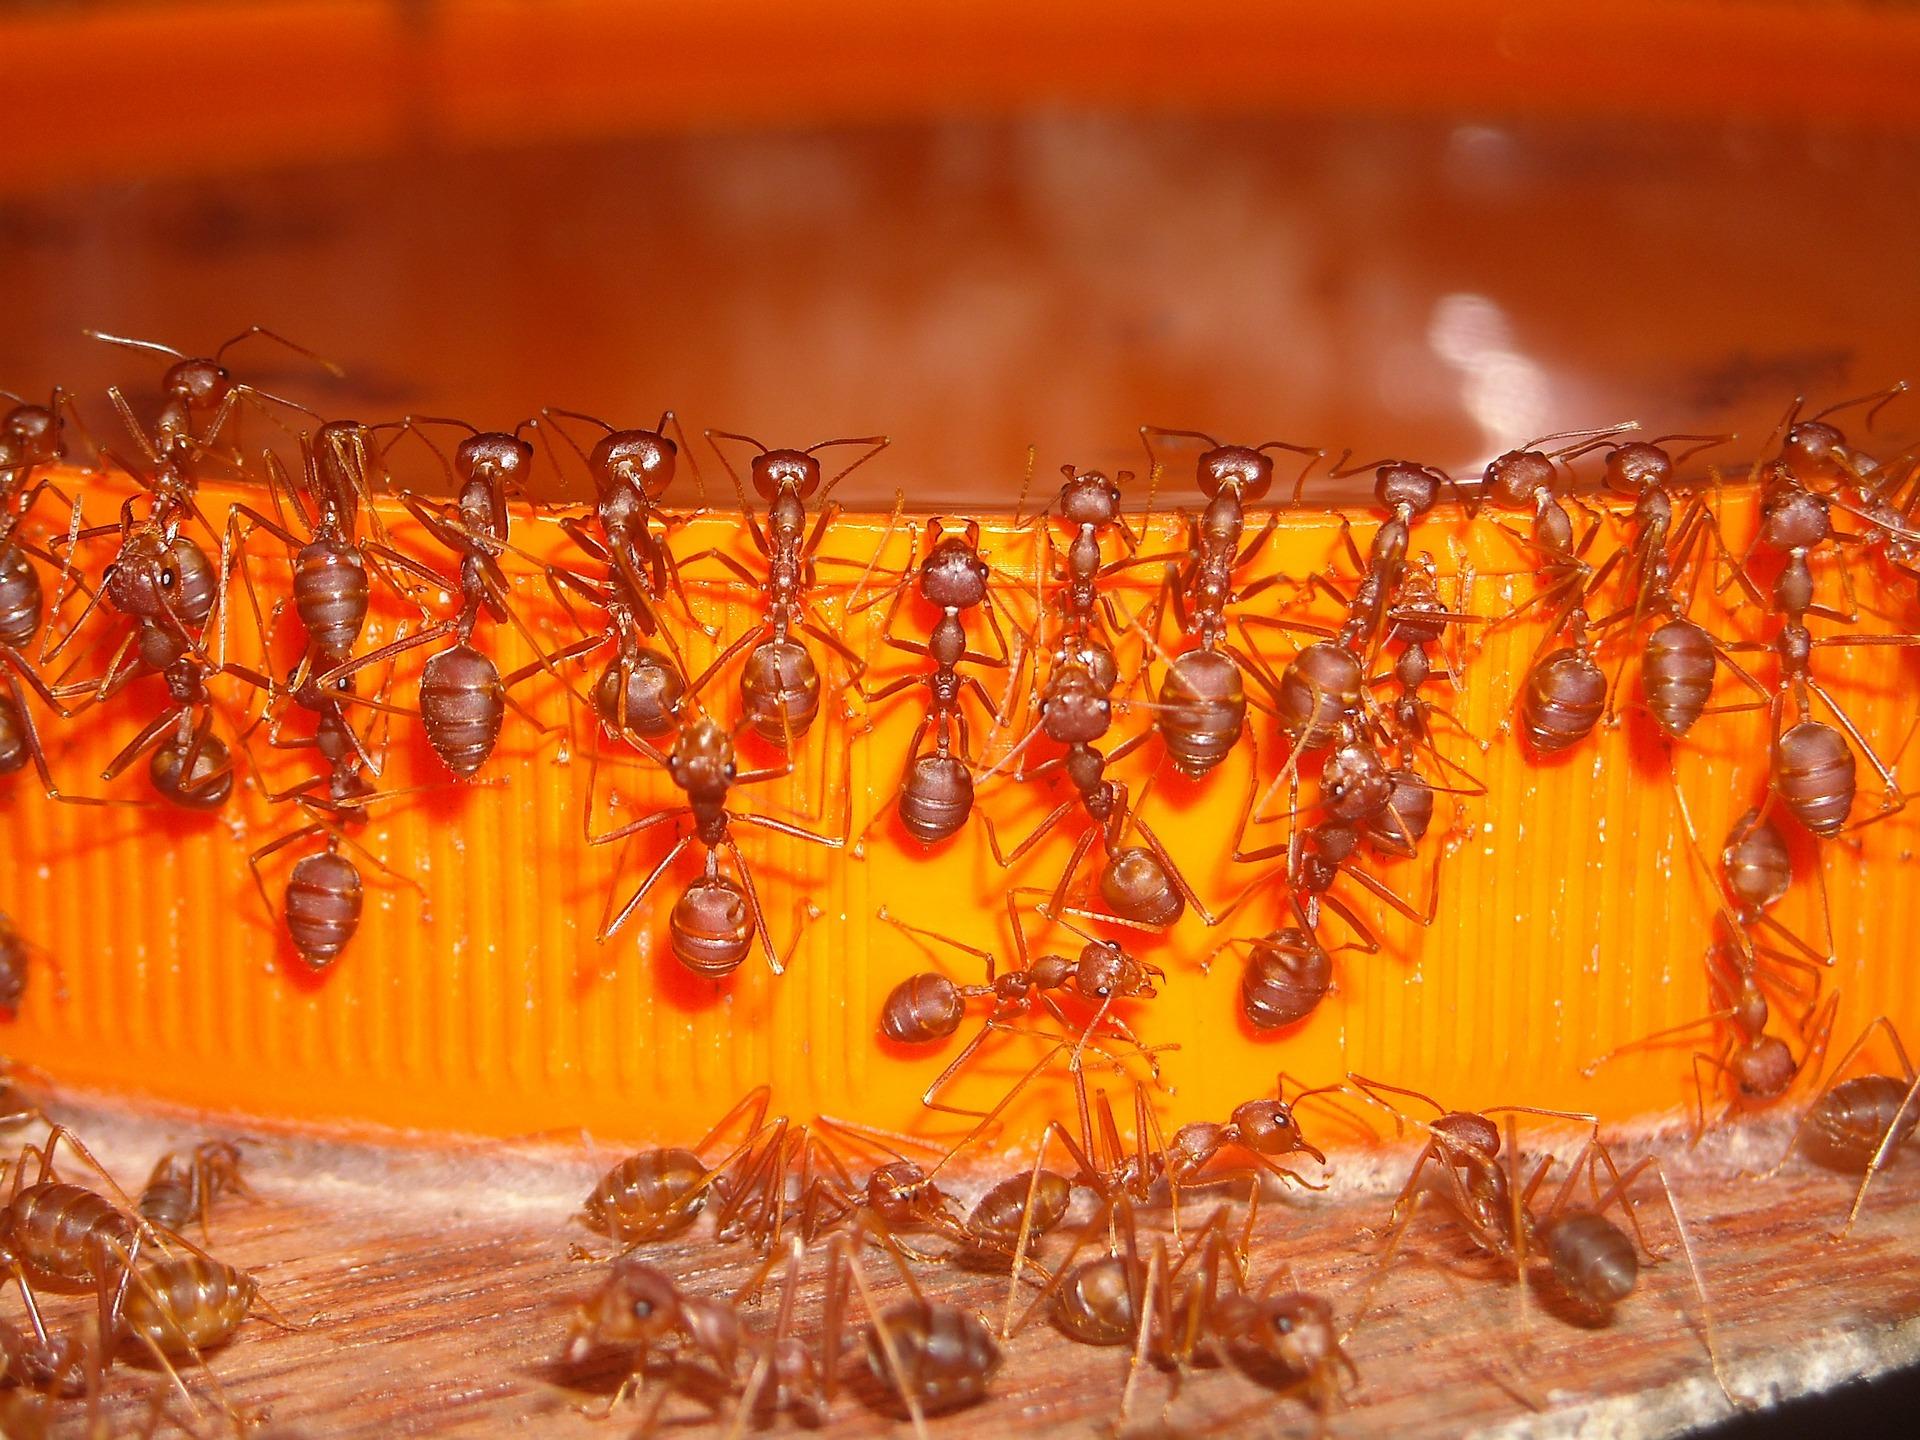 как быстро вывести паразитов из организма